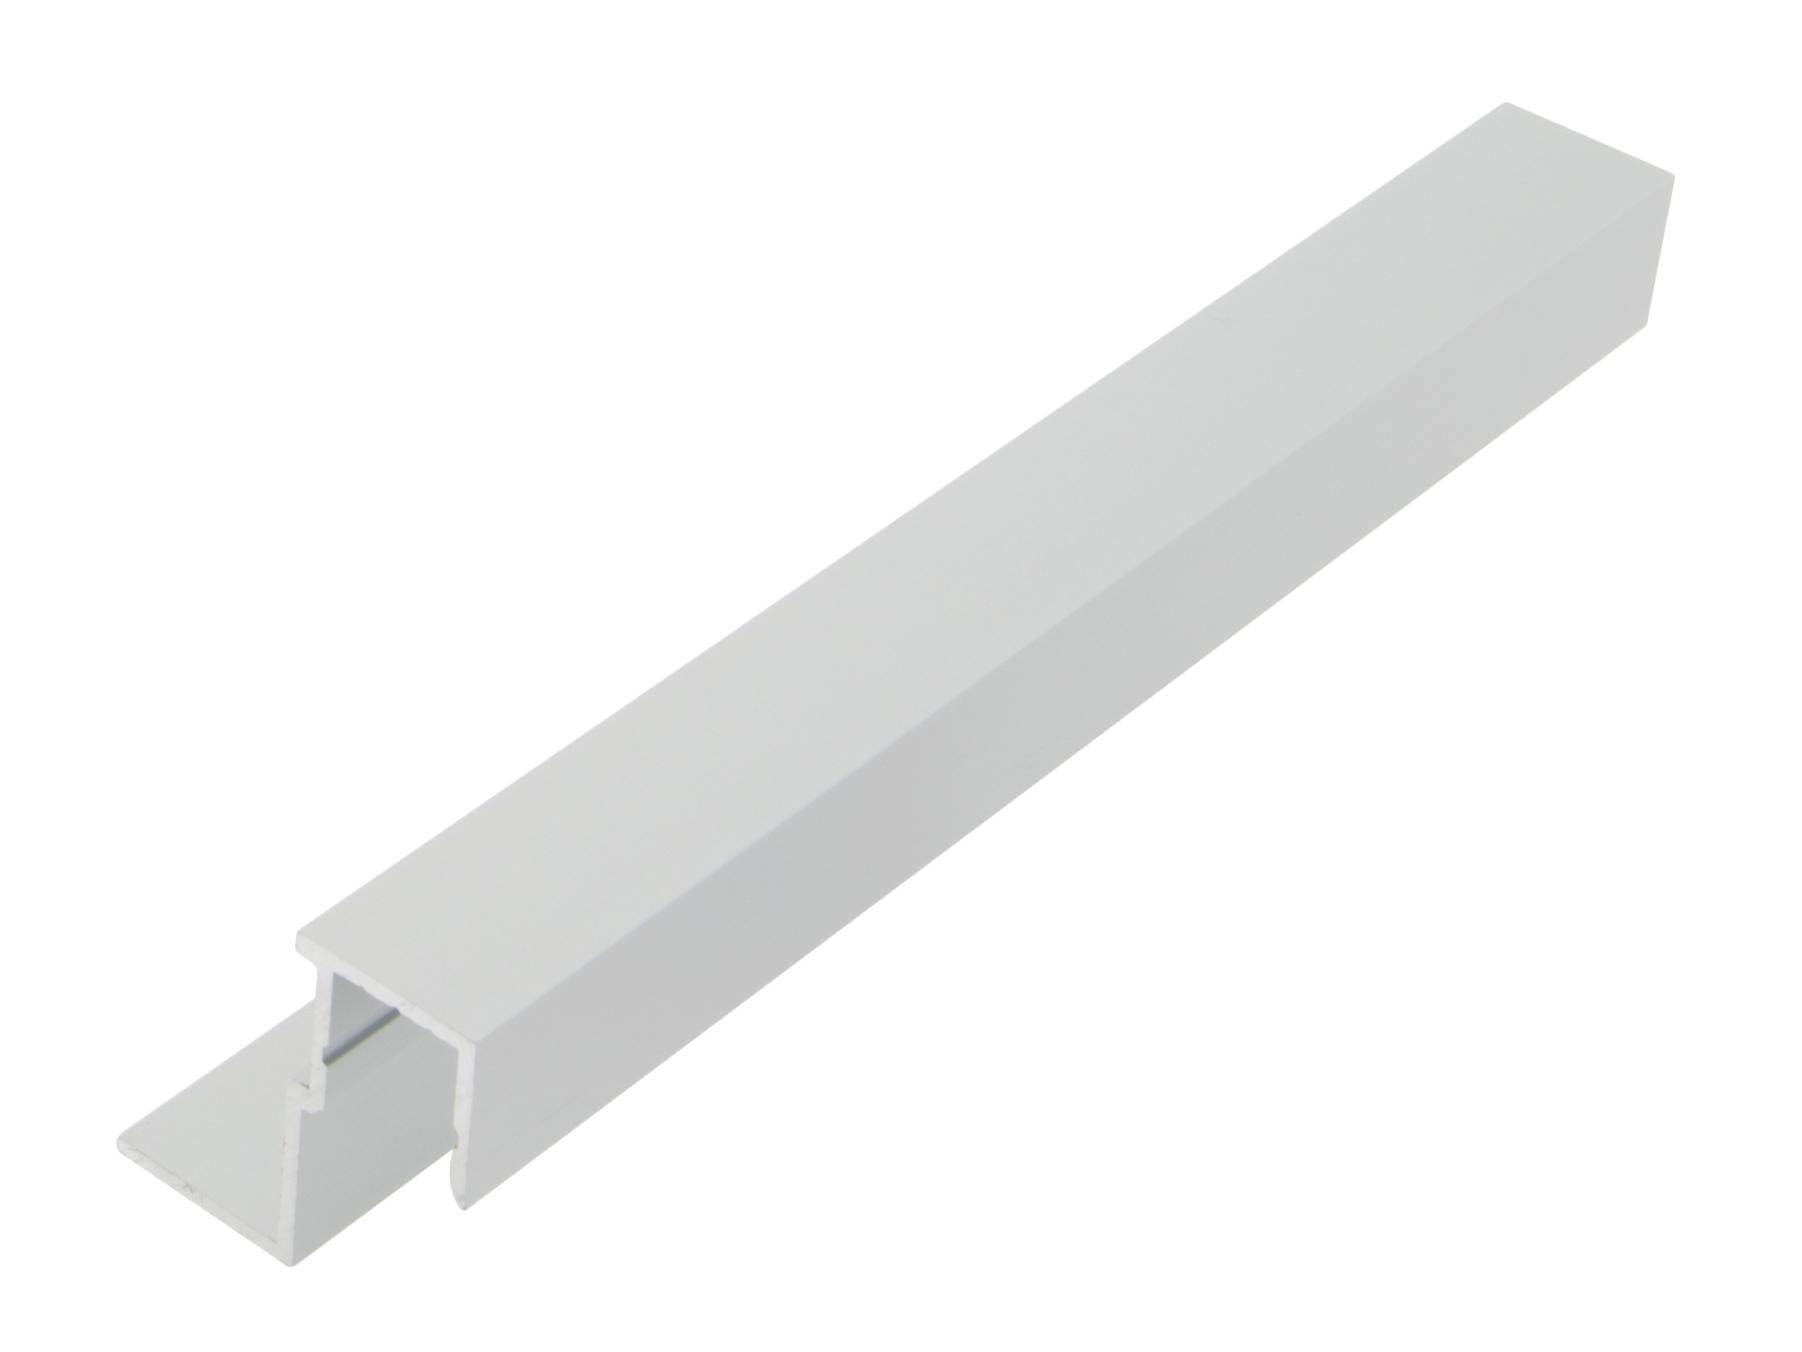 1 m Aluminiumprofil KLP, L-2000mm B-31mm H-30mm LIAP008005